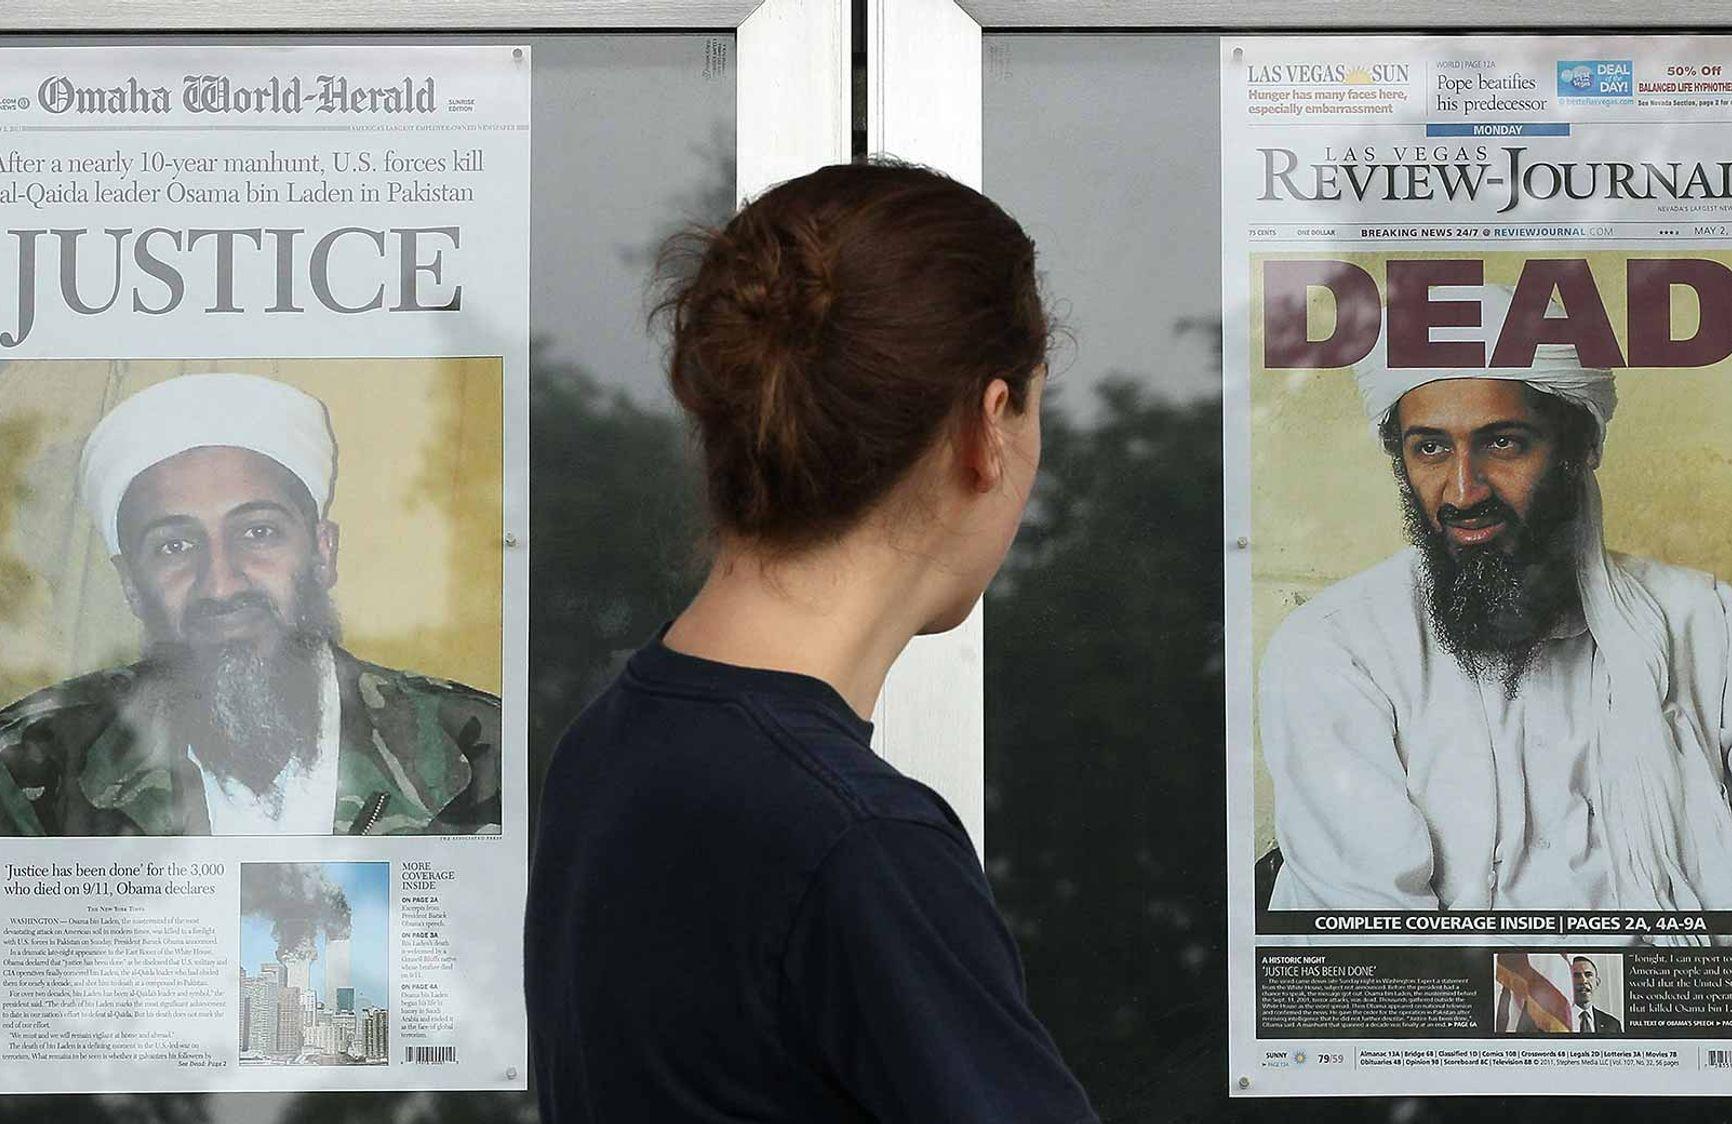 2 мая 2011 года Усама бен Ладен был убит американским спецназом в результате спецоперации на территории Пакистана